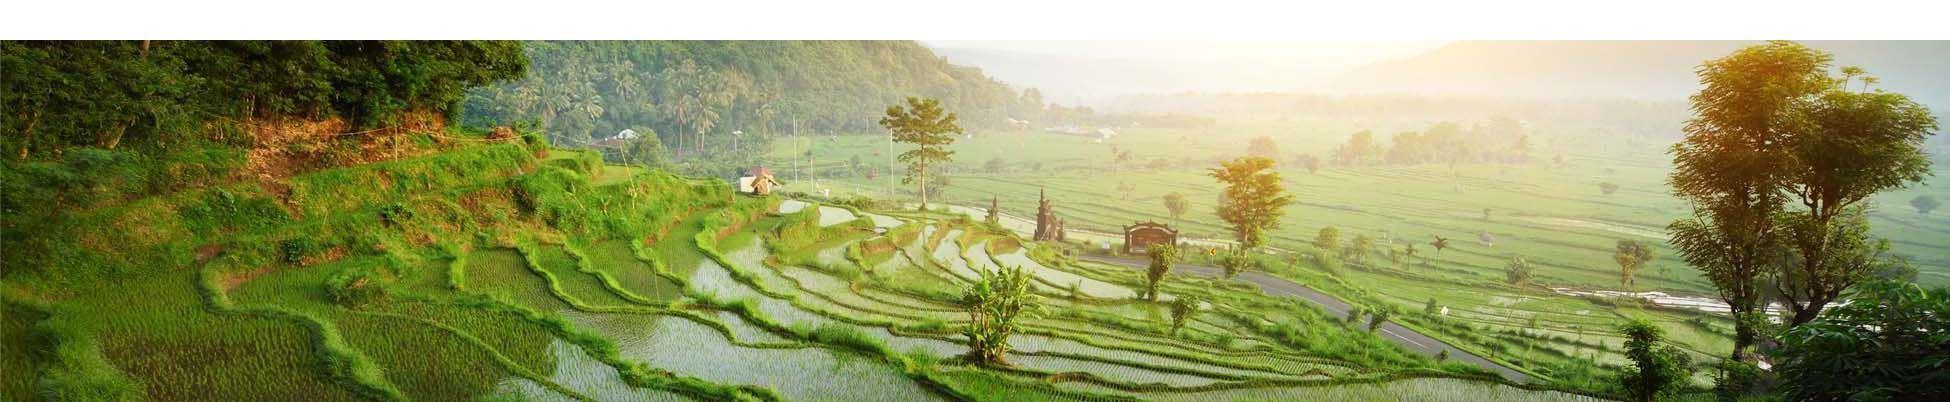 rizière ubud